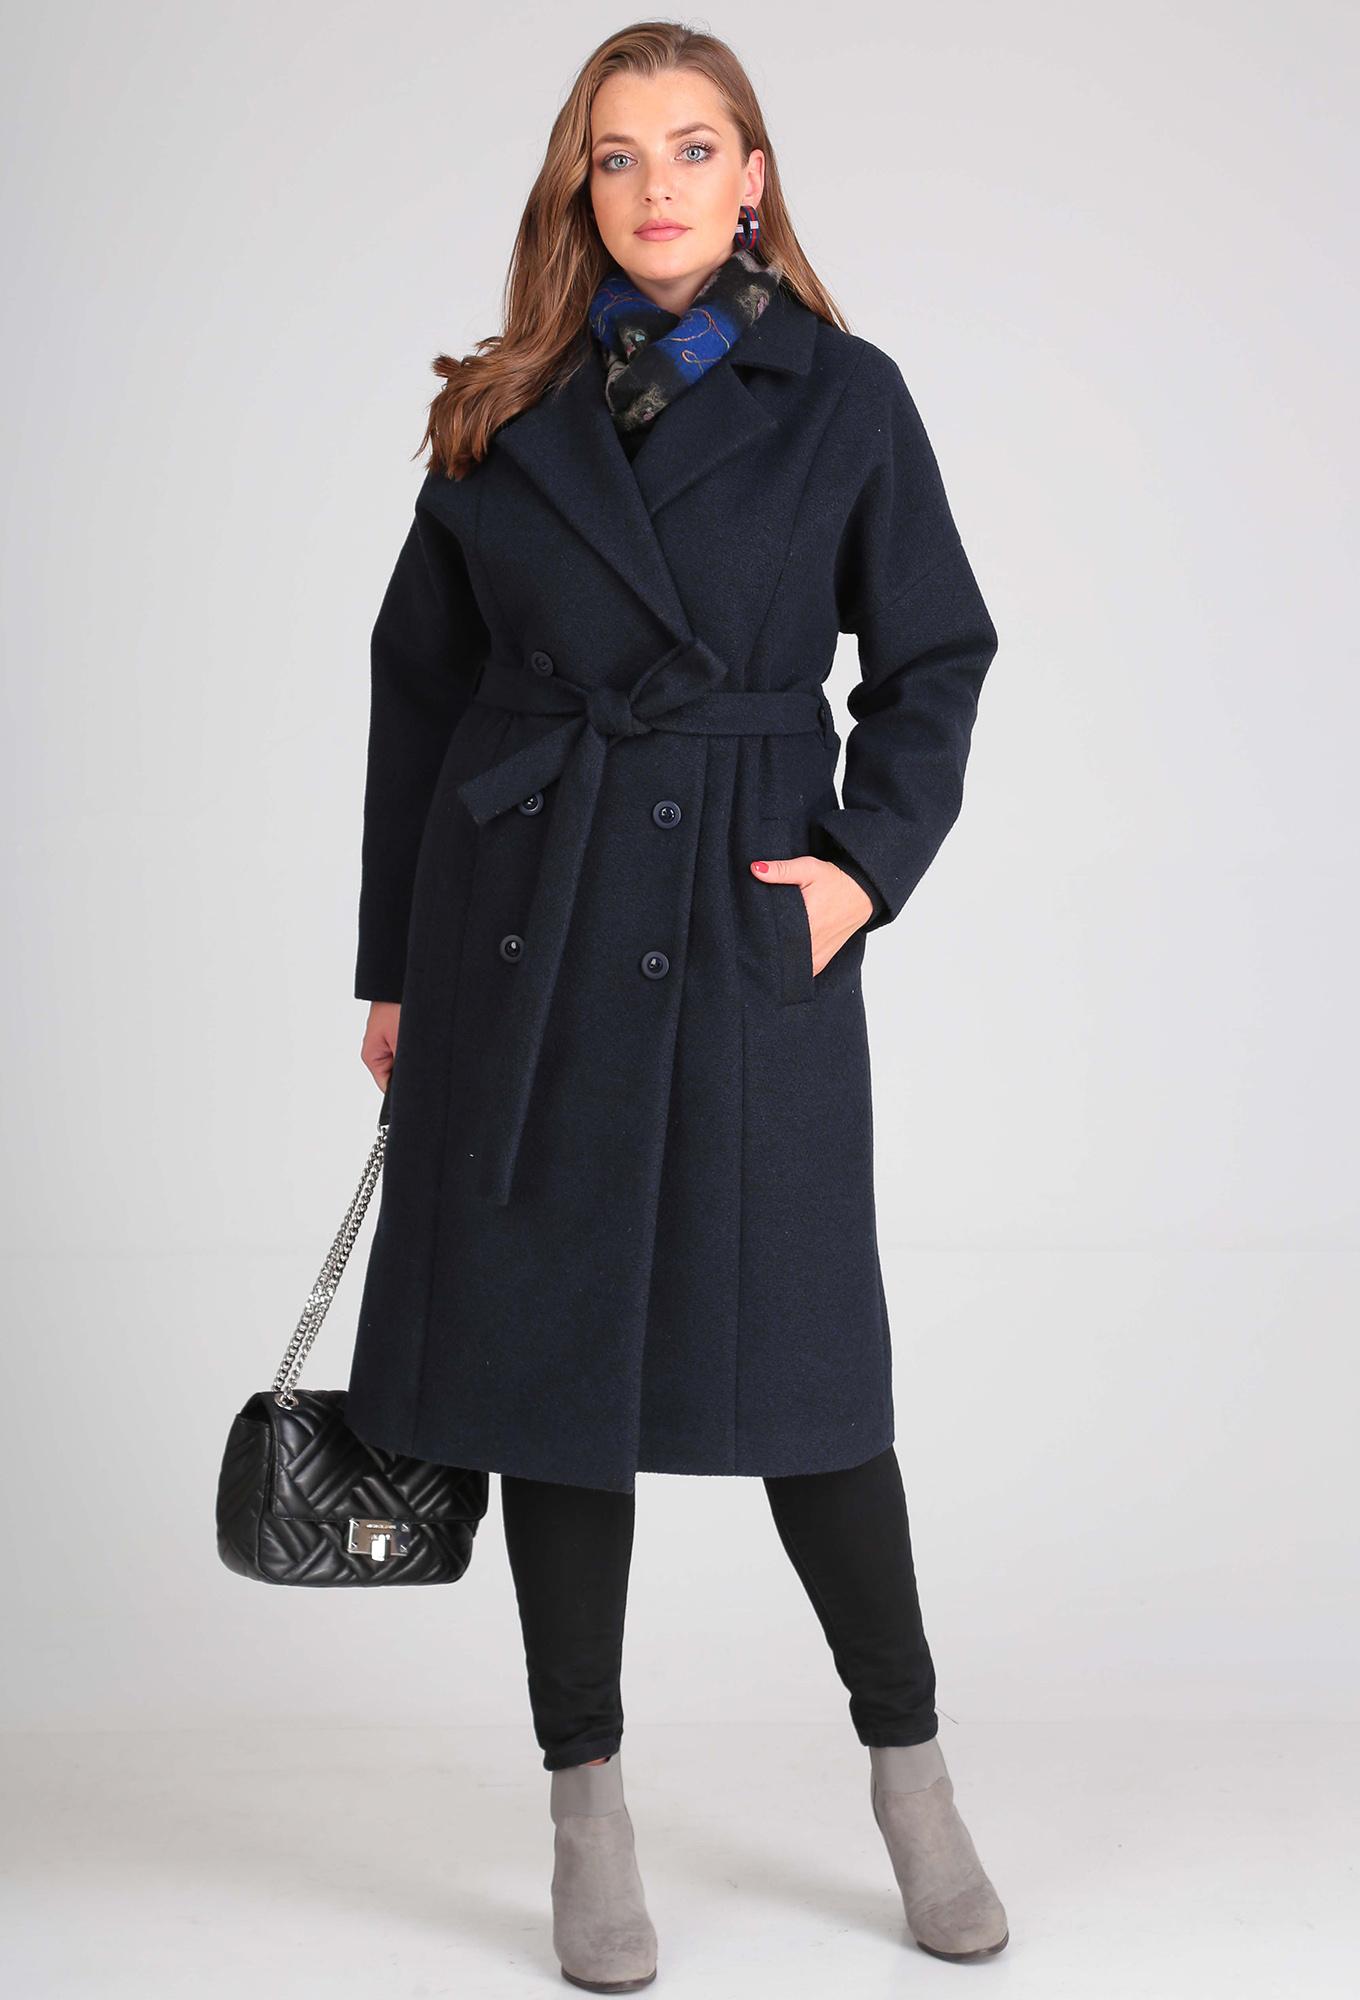 Пальто Anastasia Mak 638 синий